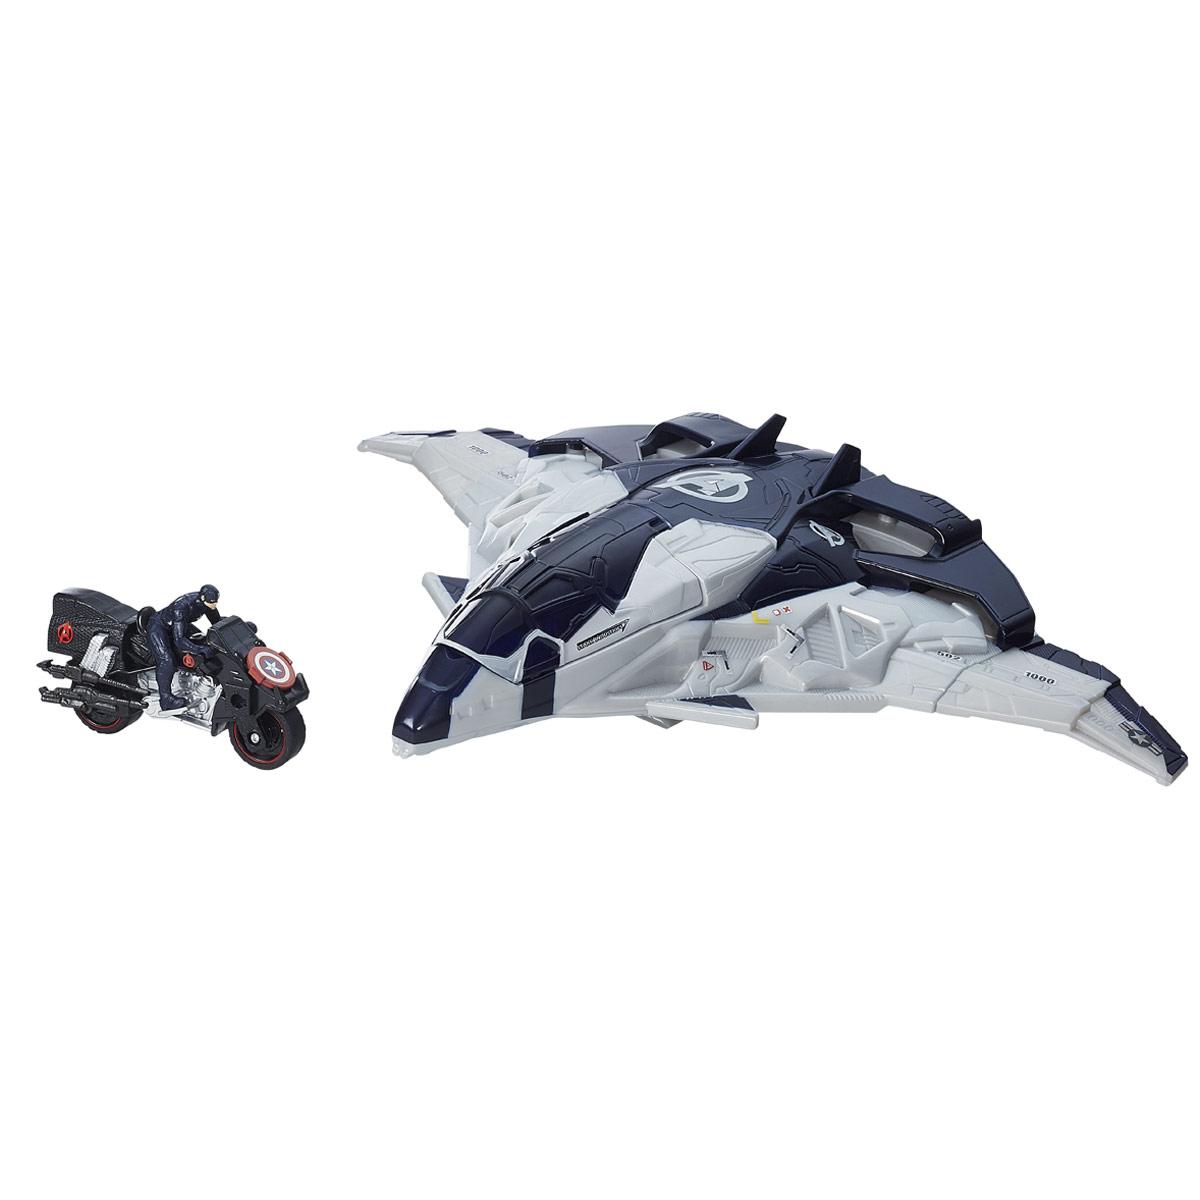 Игровой набор Avengers Самолет МстителяB5777EU4Игровой набор Avengers Самолет Мстителя непременно привлечет внимание вашего ребенка и не позволит ему скучать. Набор включает в себя элементы для сборки самолета Мстителей и мотоцикл Перового Мстителя с фигуркой. Элементы набора выполнены из прочного безопасного пластика. В кабину самолета помещаются 3 мини-фигурки Мстителей или фигурка Халка. Мотоцикл запускается прямо с самолета при нажатии поочередно кнопок в верхней его части. Элементы набора отличаются высоким качеством исполнения и детализации. Такой набор обязательно понравится вашему малышу, и он проведет множество счастливых мгновений, играя с ним и придумывая различные истории.